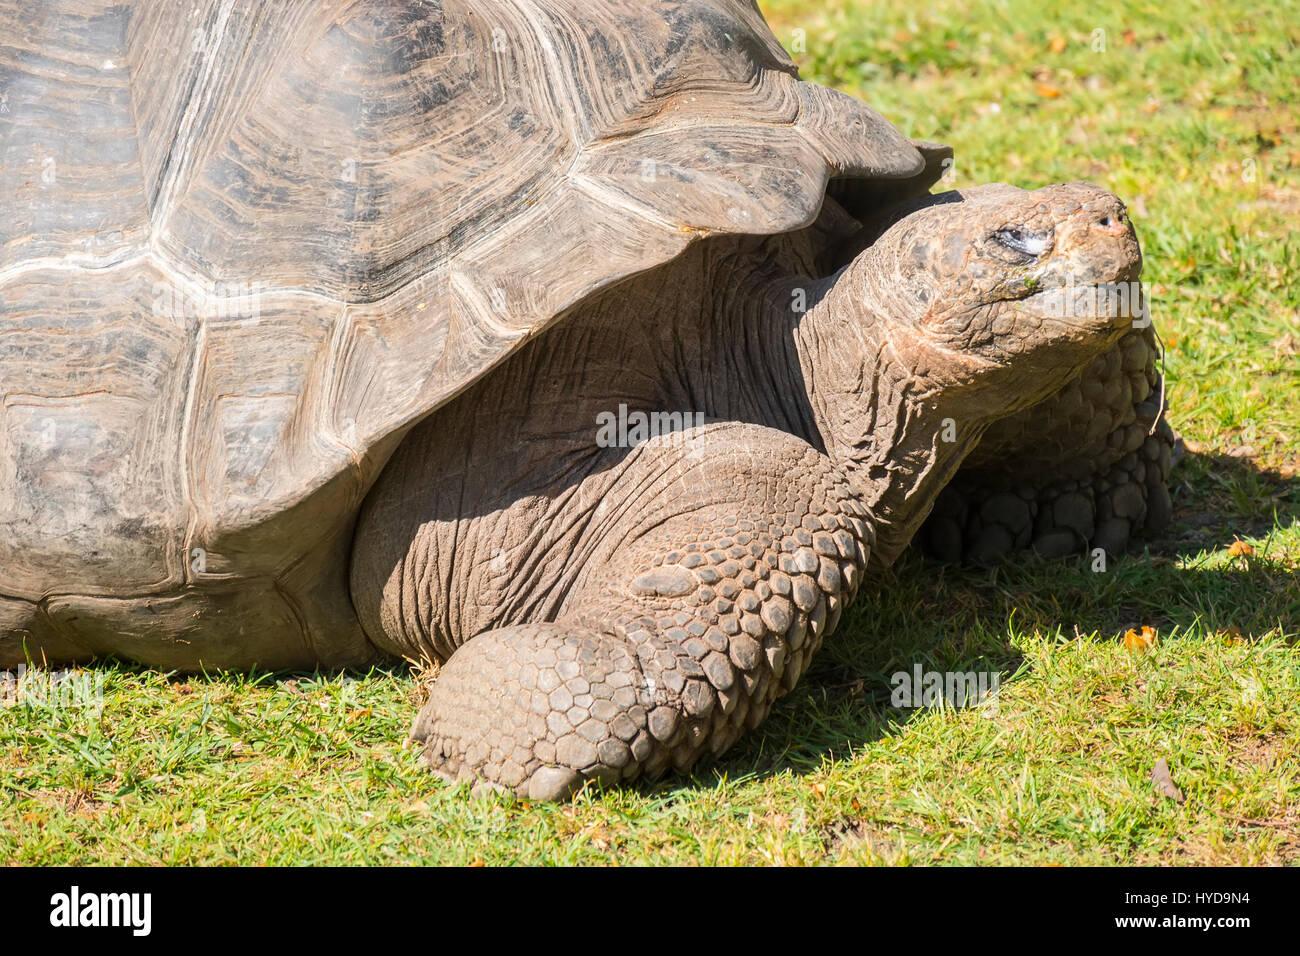 Giant tortoise basking in the sun, Tortoise Aldabra giant - Stock Image